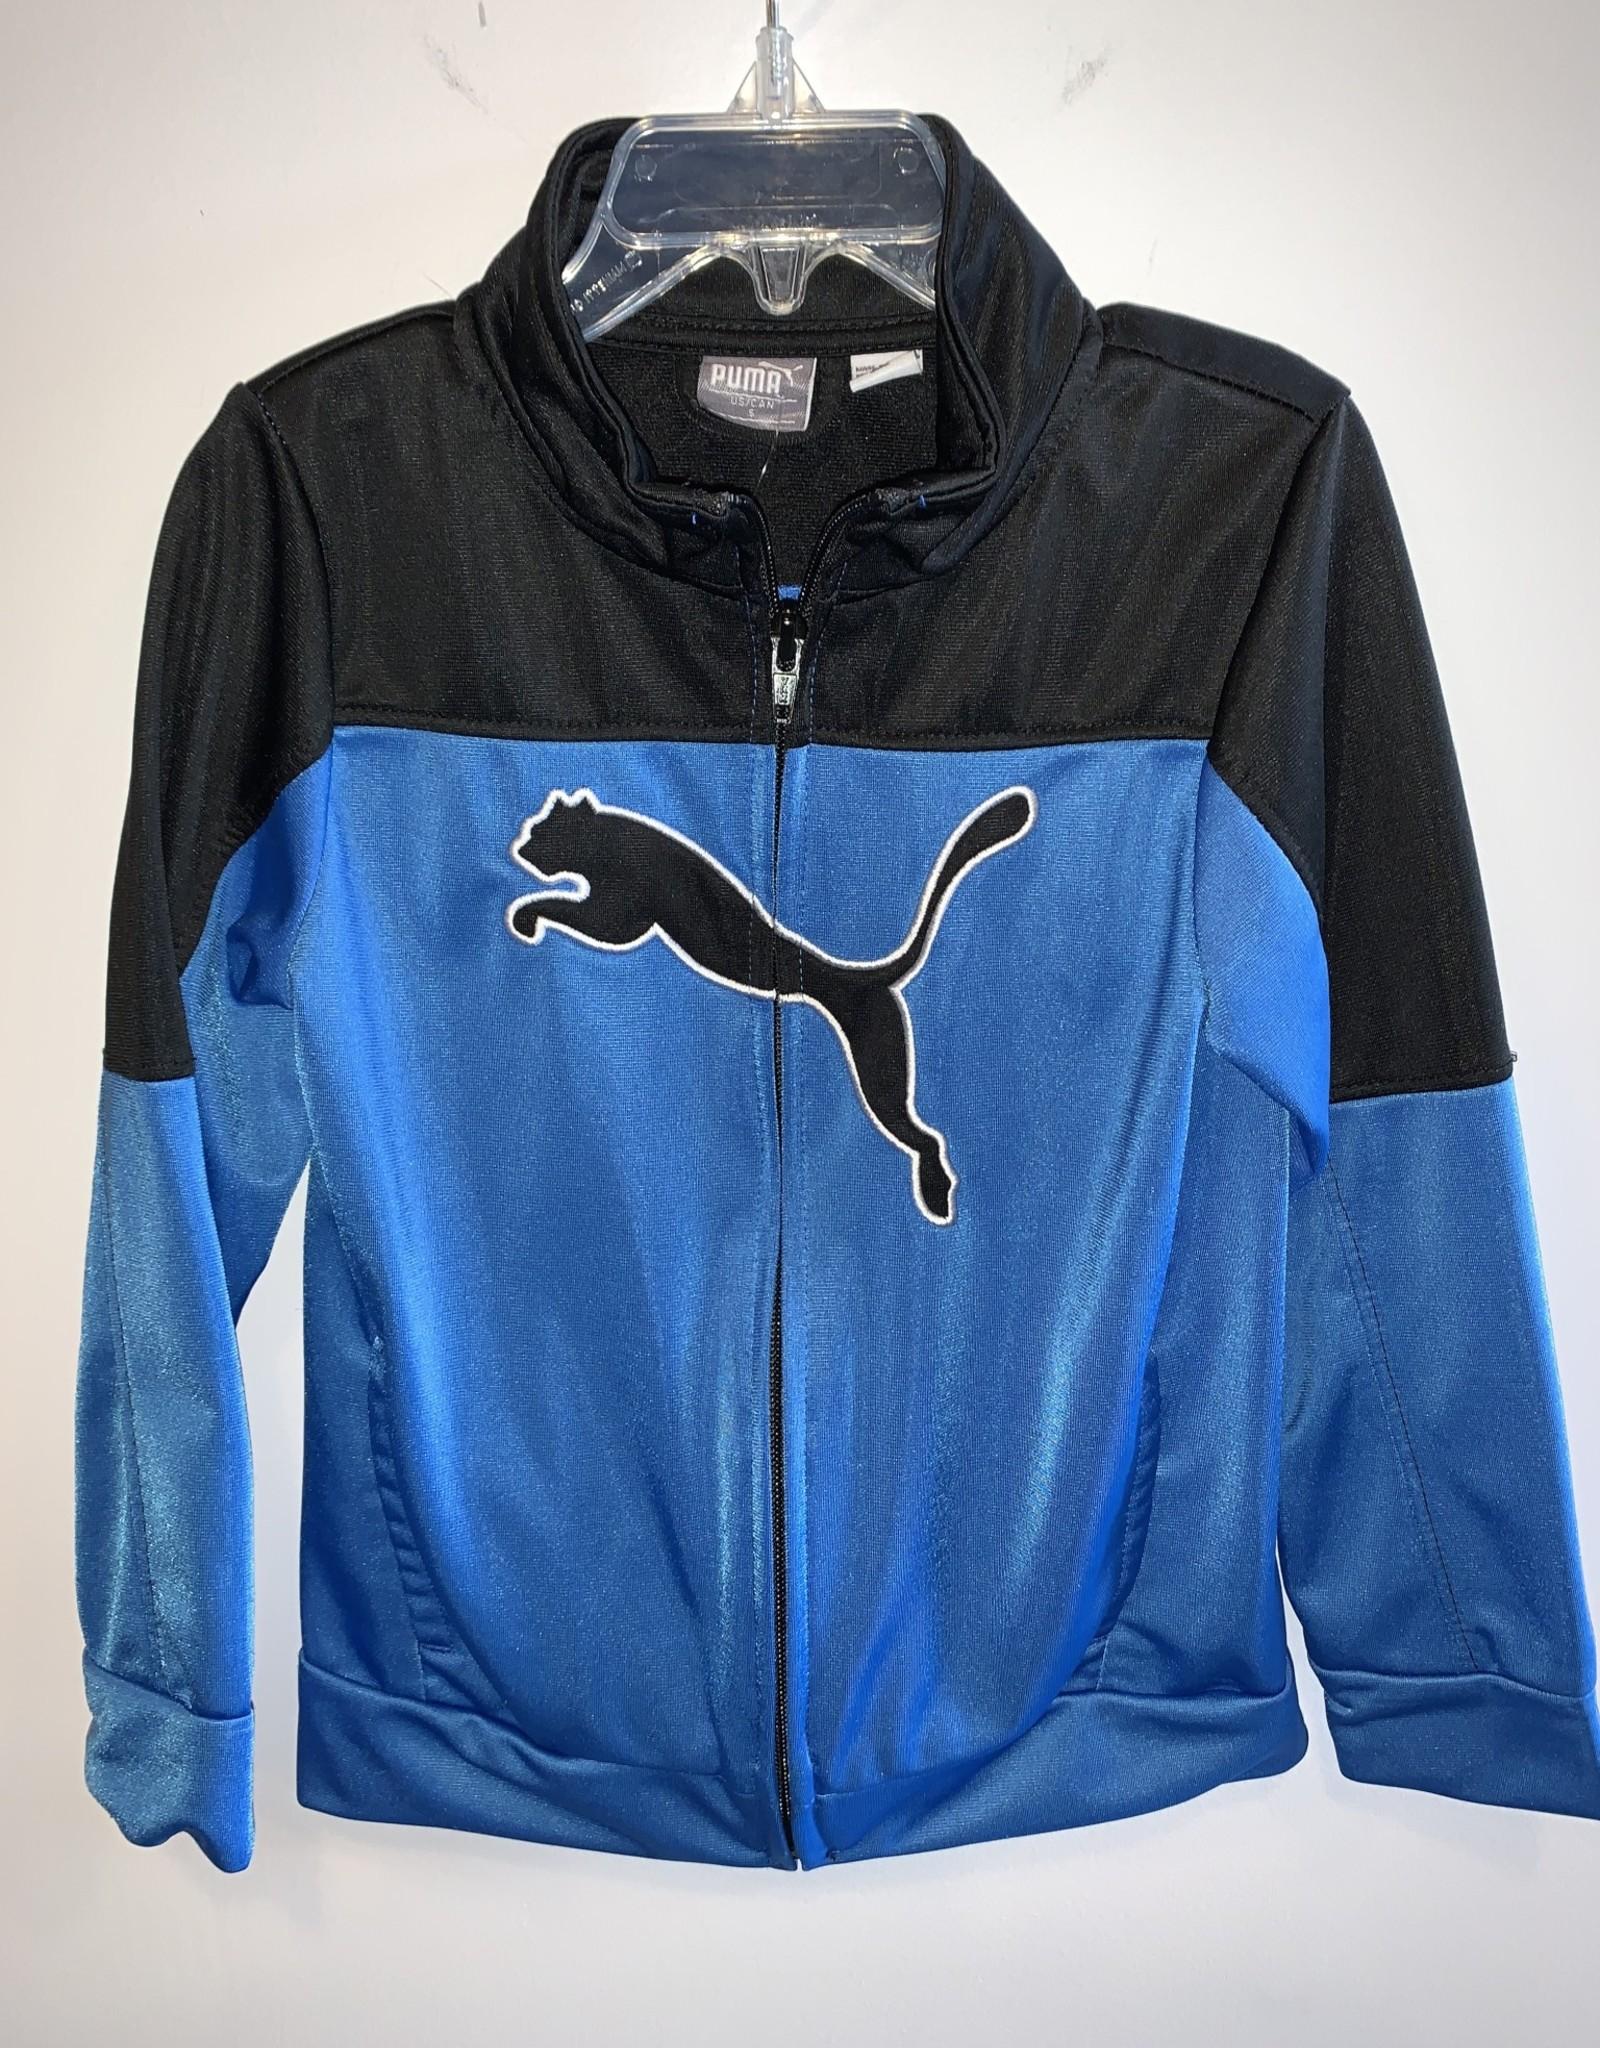 Puma Boys/5T/Puma/Sweater